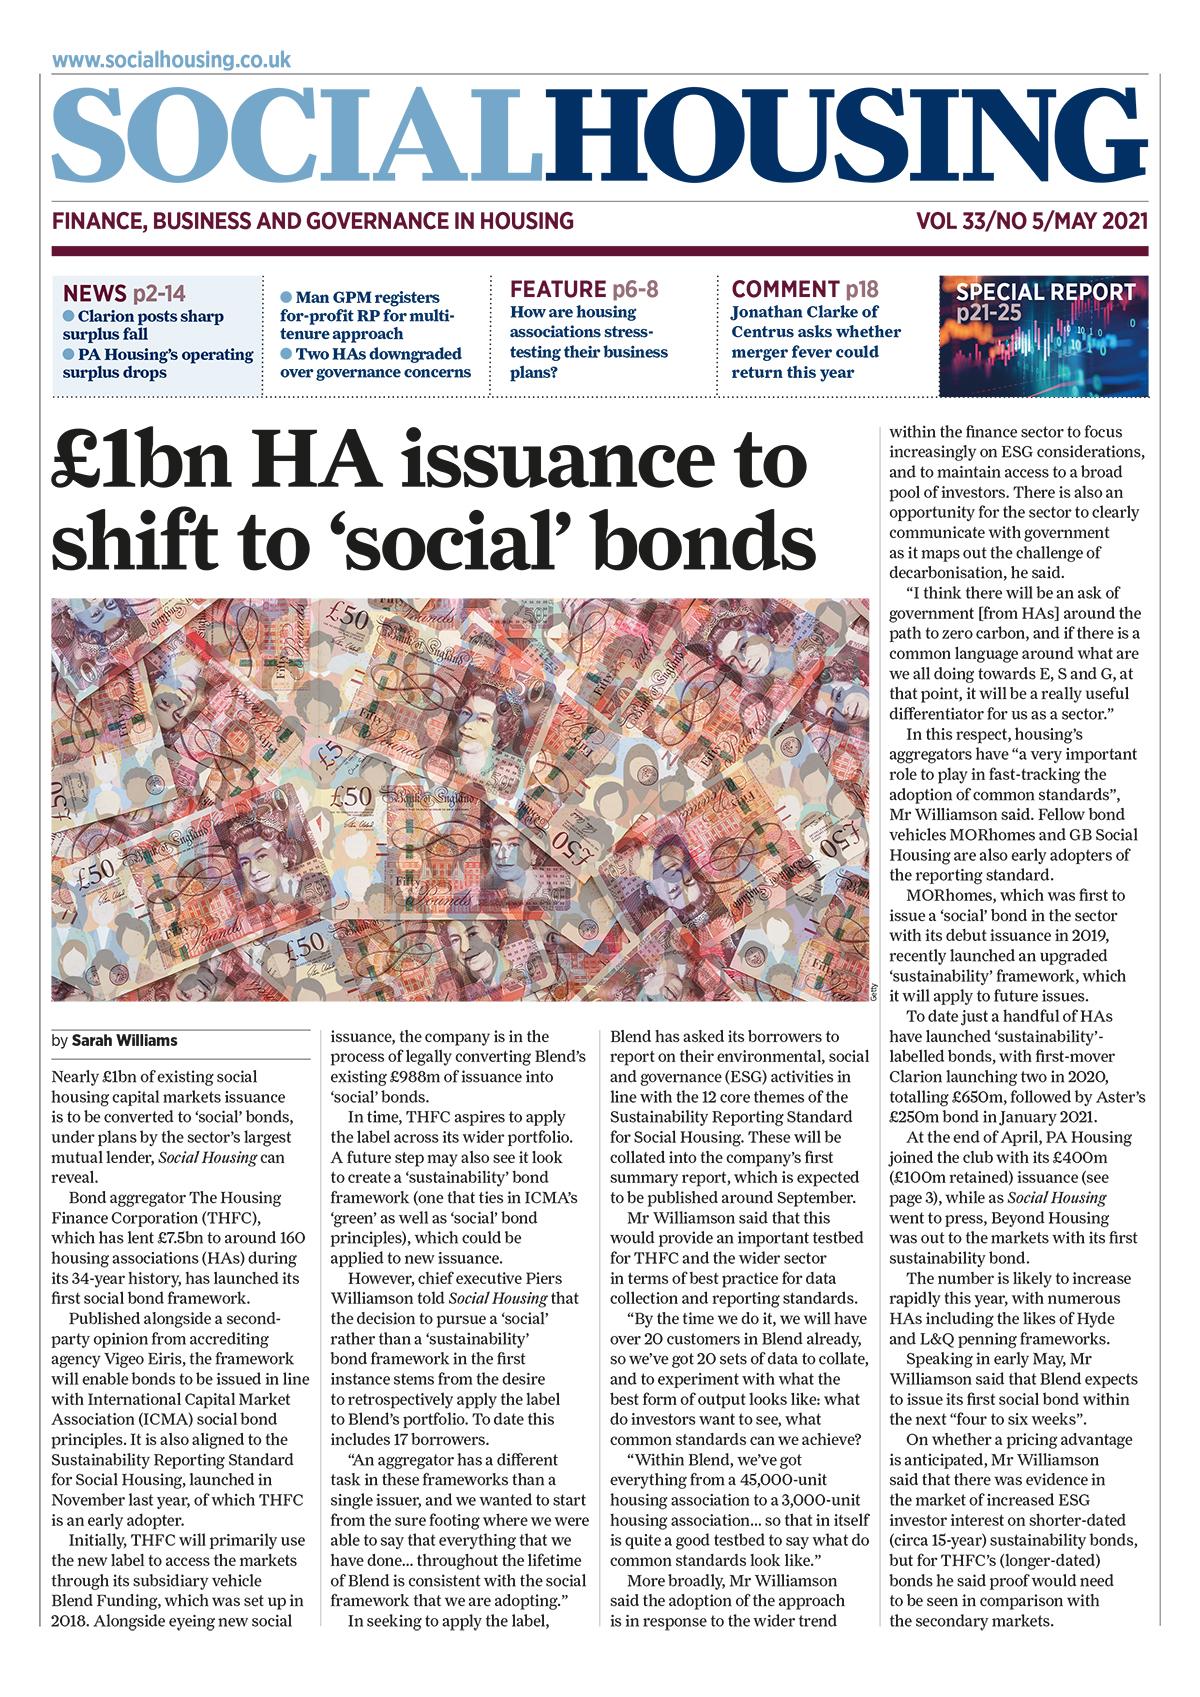 Social Housing Digital Edition – May 2021